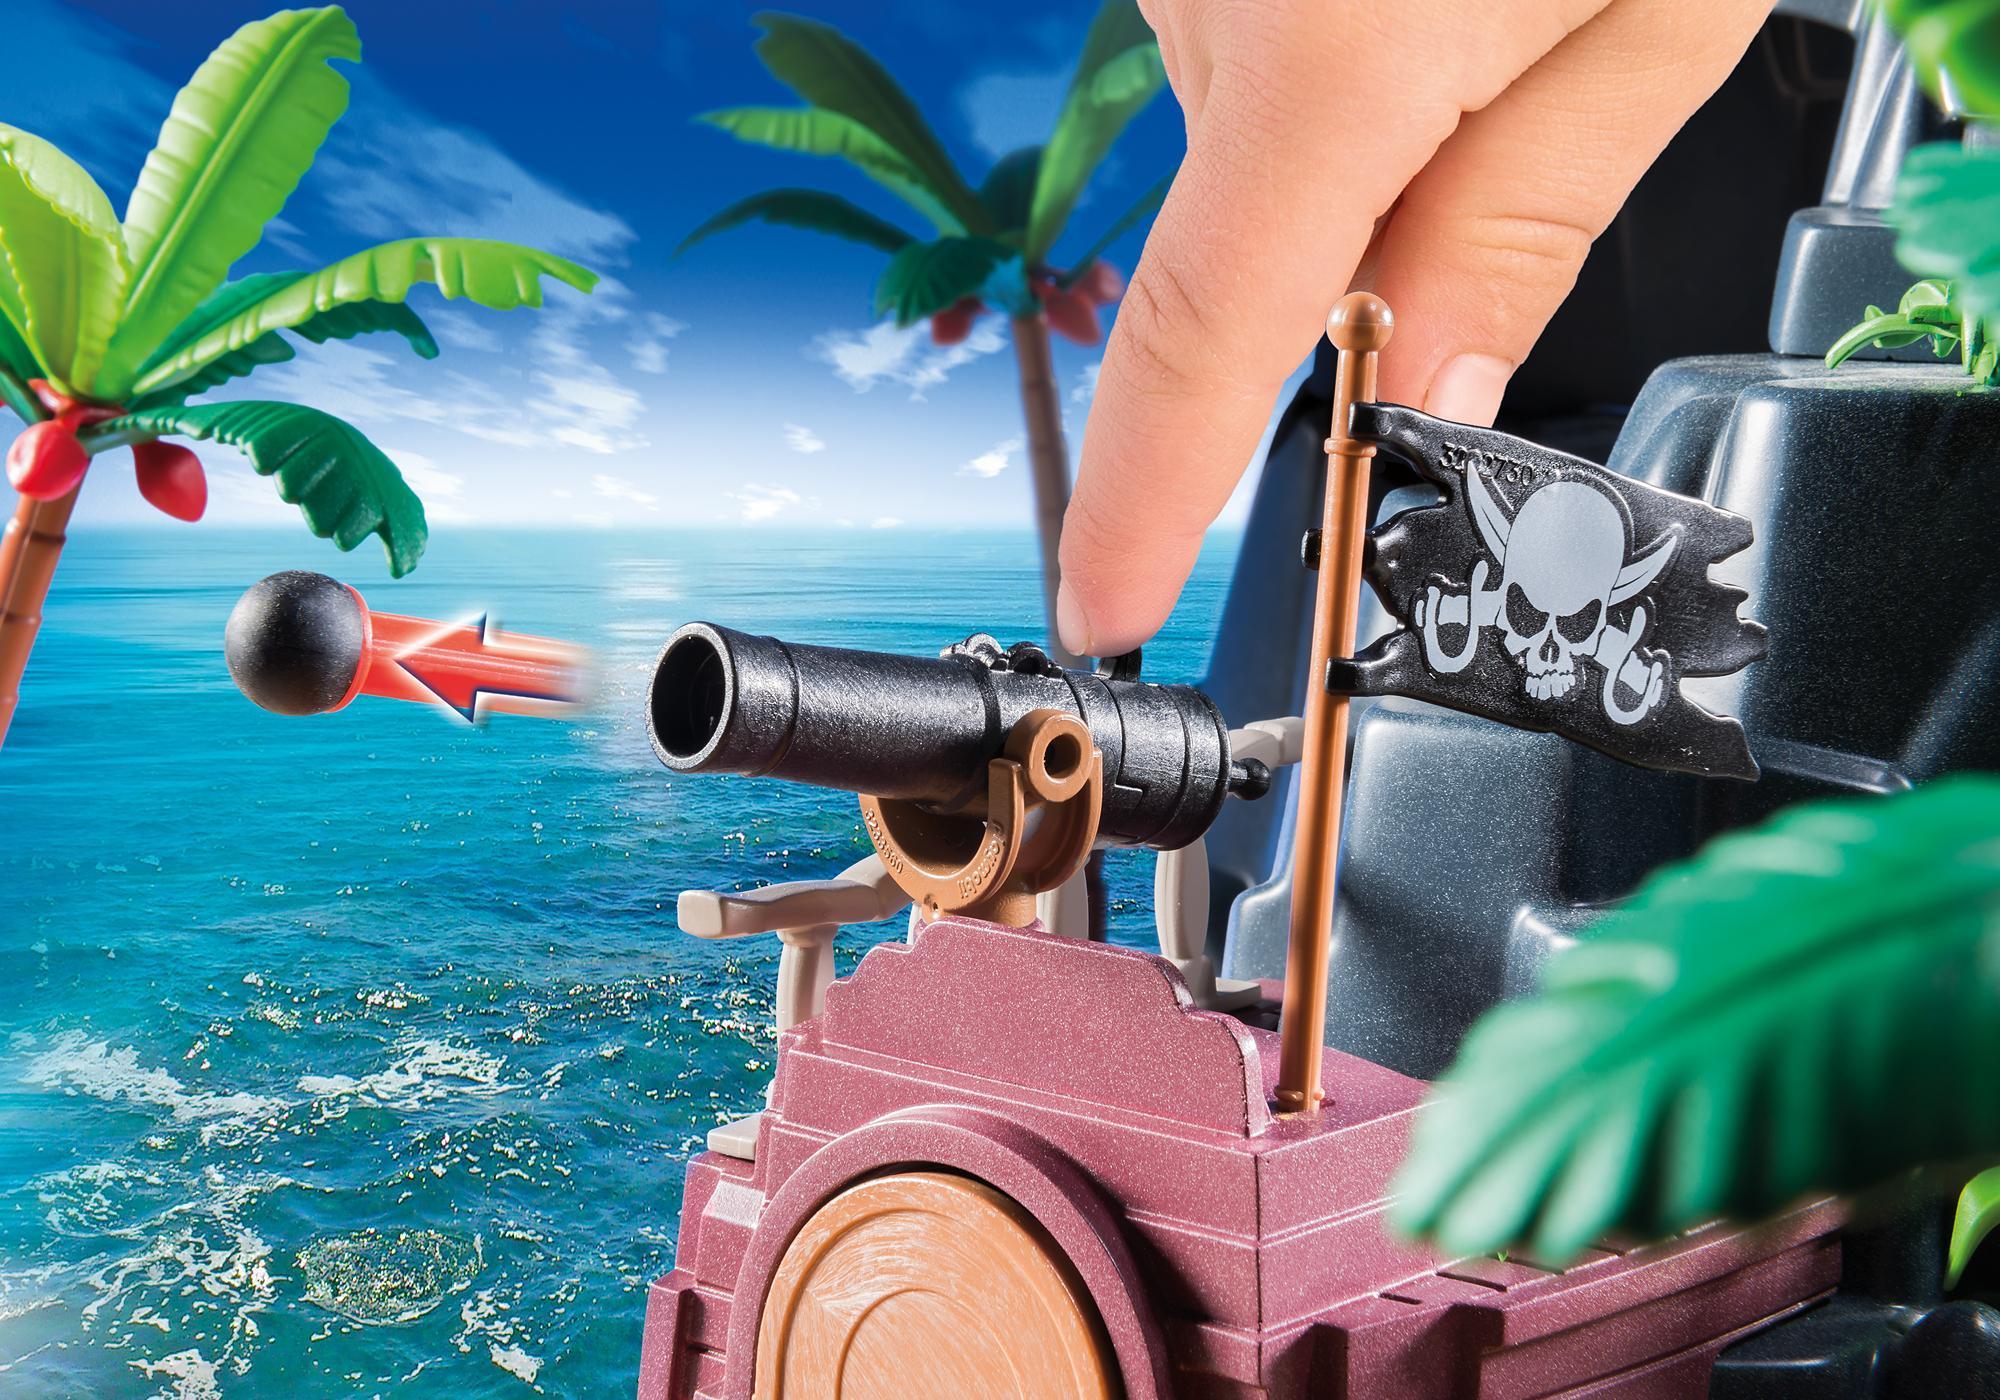 http://media.playmobil.com/i/playmobil/6679_product_extra4/Skattö med pirater